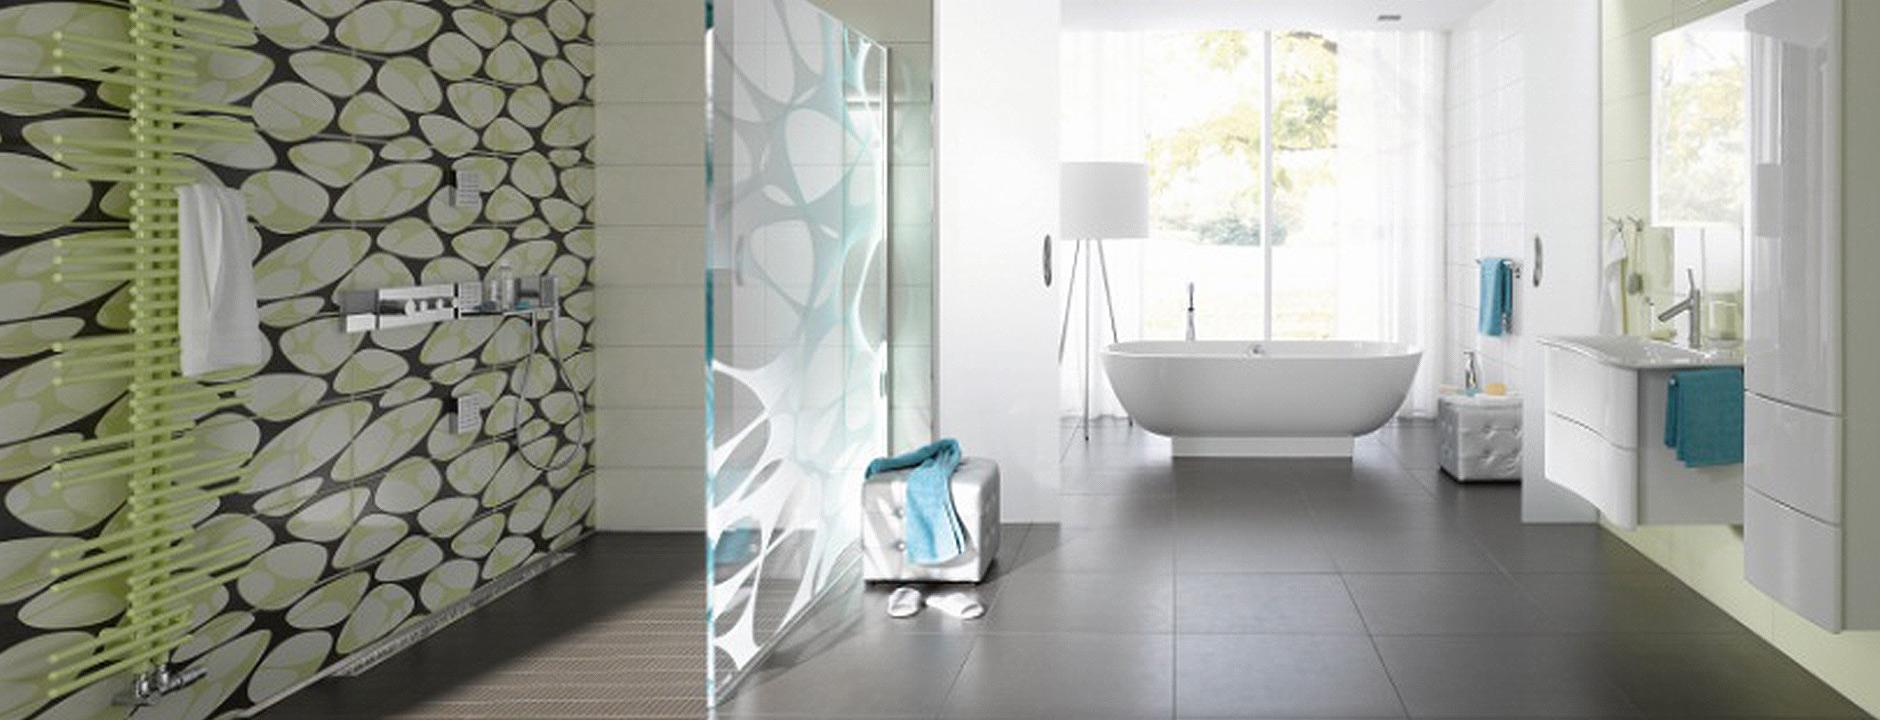 steuler fliesen platten k nig wipperf rth fliesen naturstein ambiente. Black Bedroom Furniture Sets. Home Design Ideas